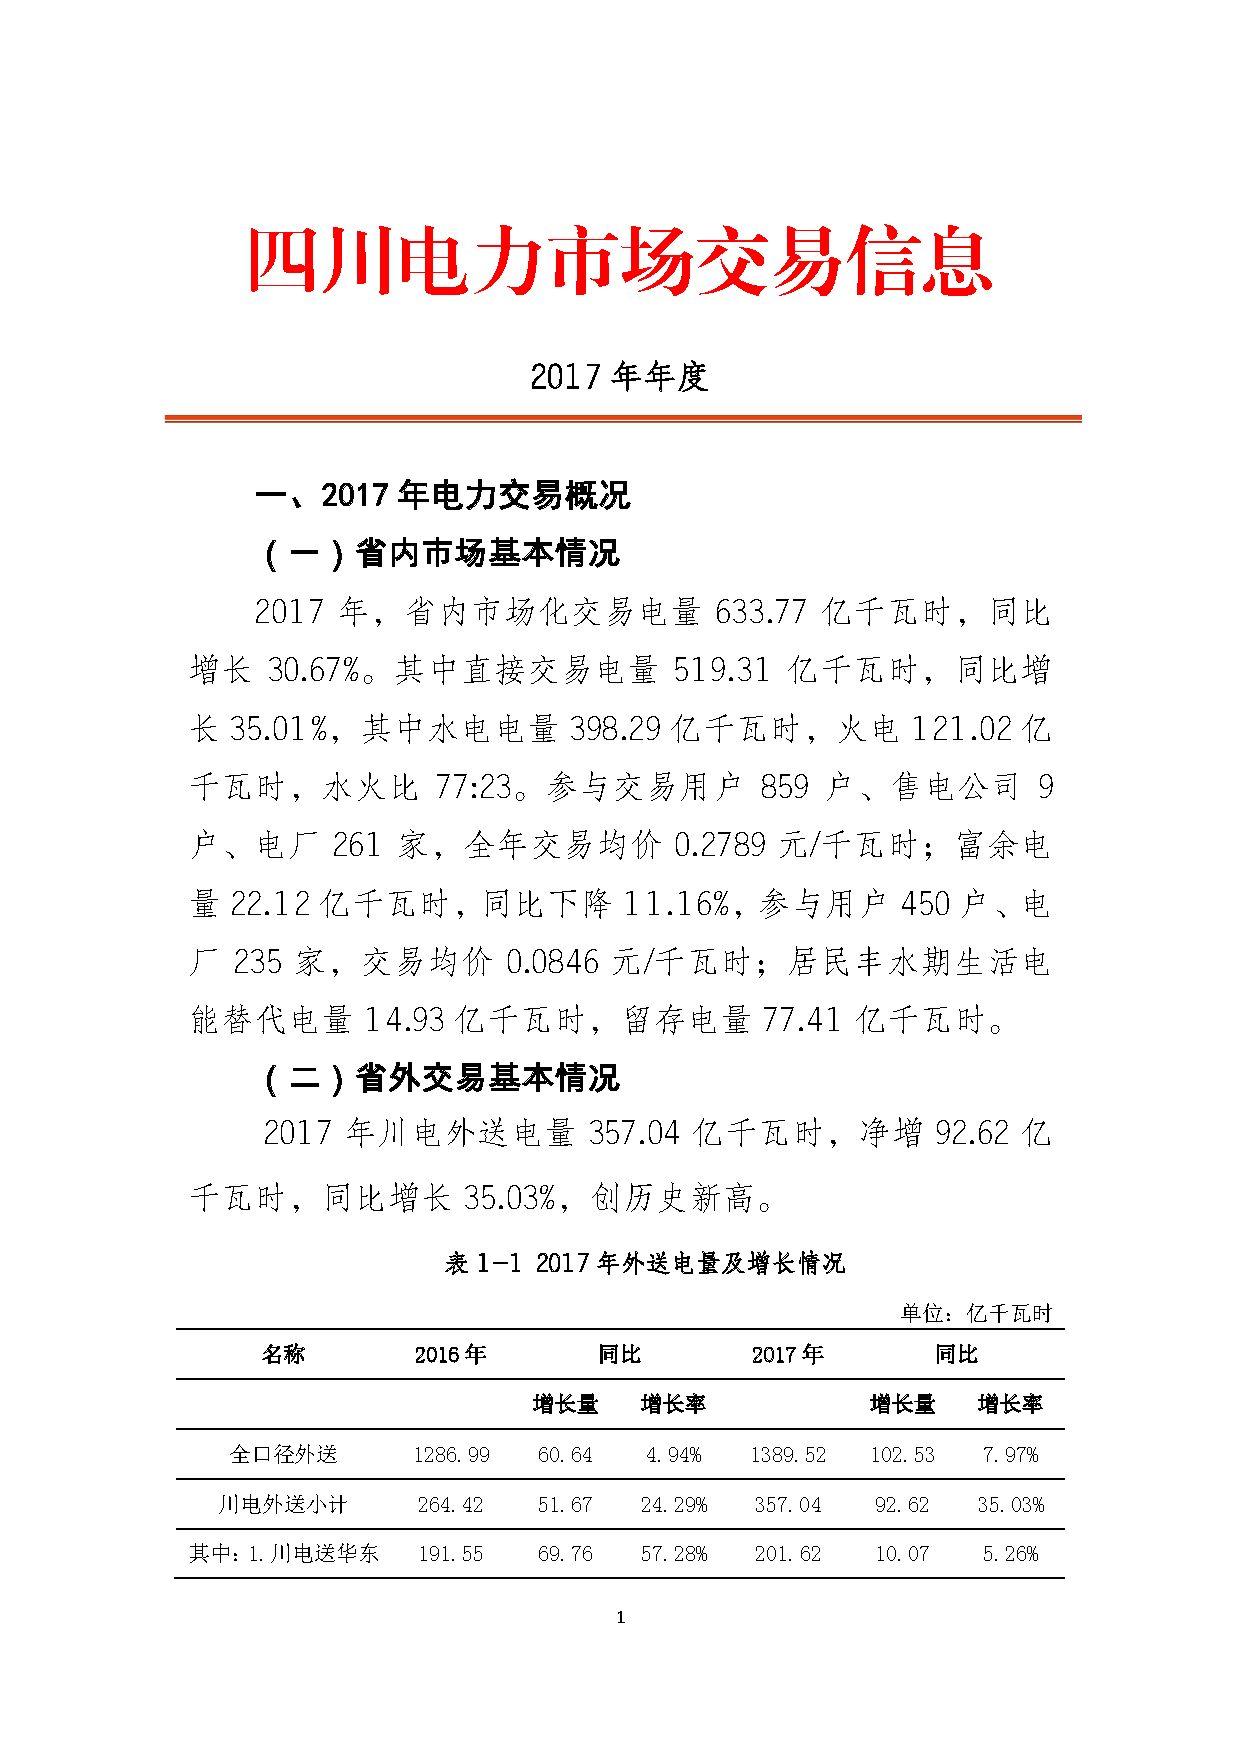 2017年四川电力市场交易信息:省内市场化交易电量633.77亿千瓦时 同比增长30.67